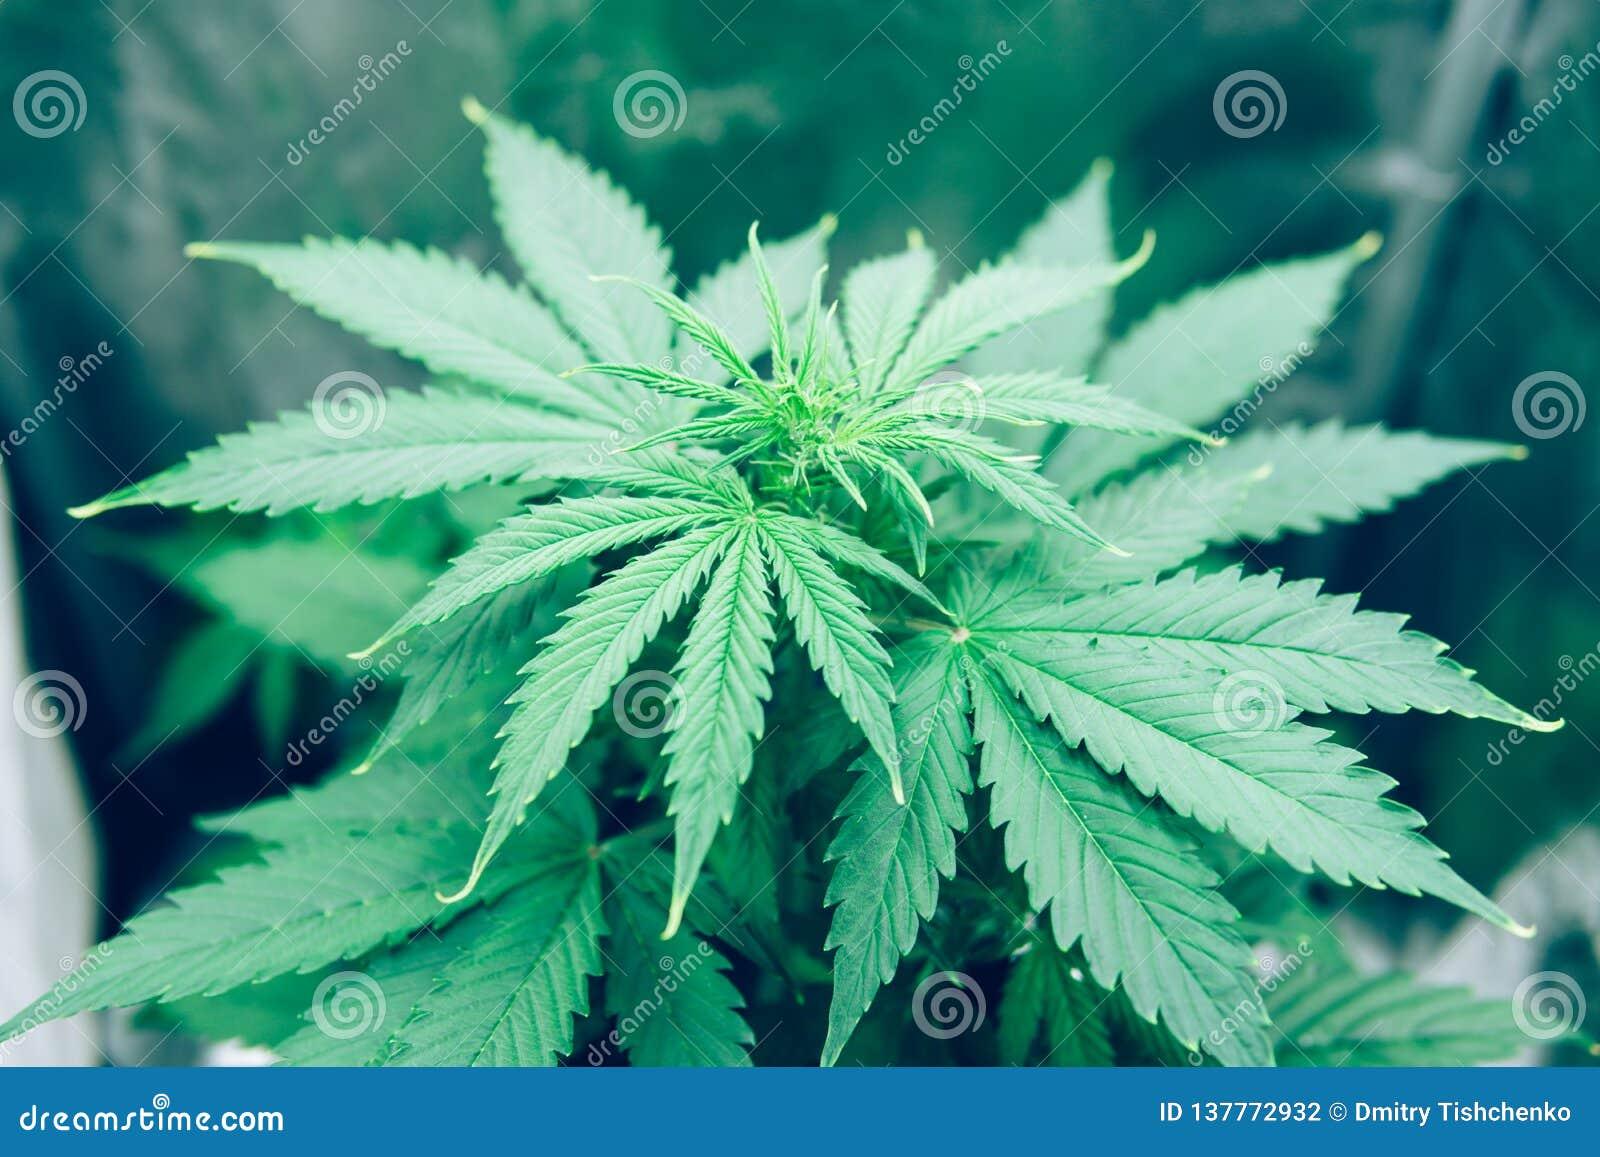 Законно ли выращивать дома коноплю сколько в россии стоит марихуана